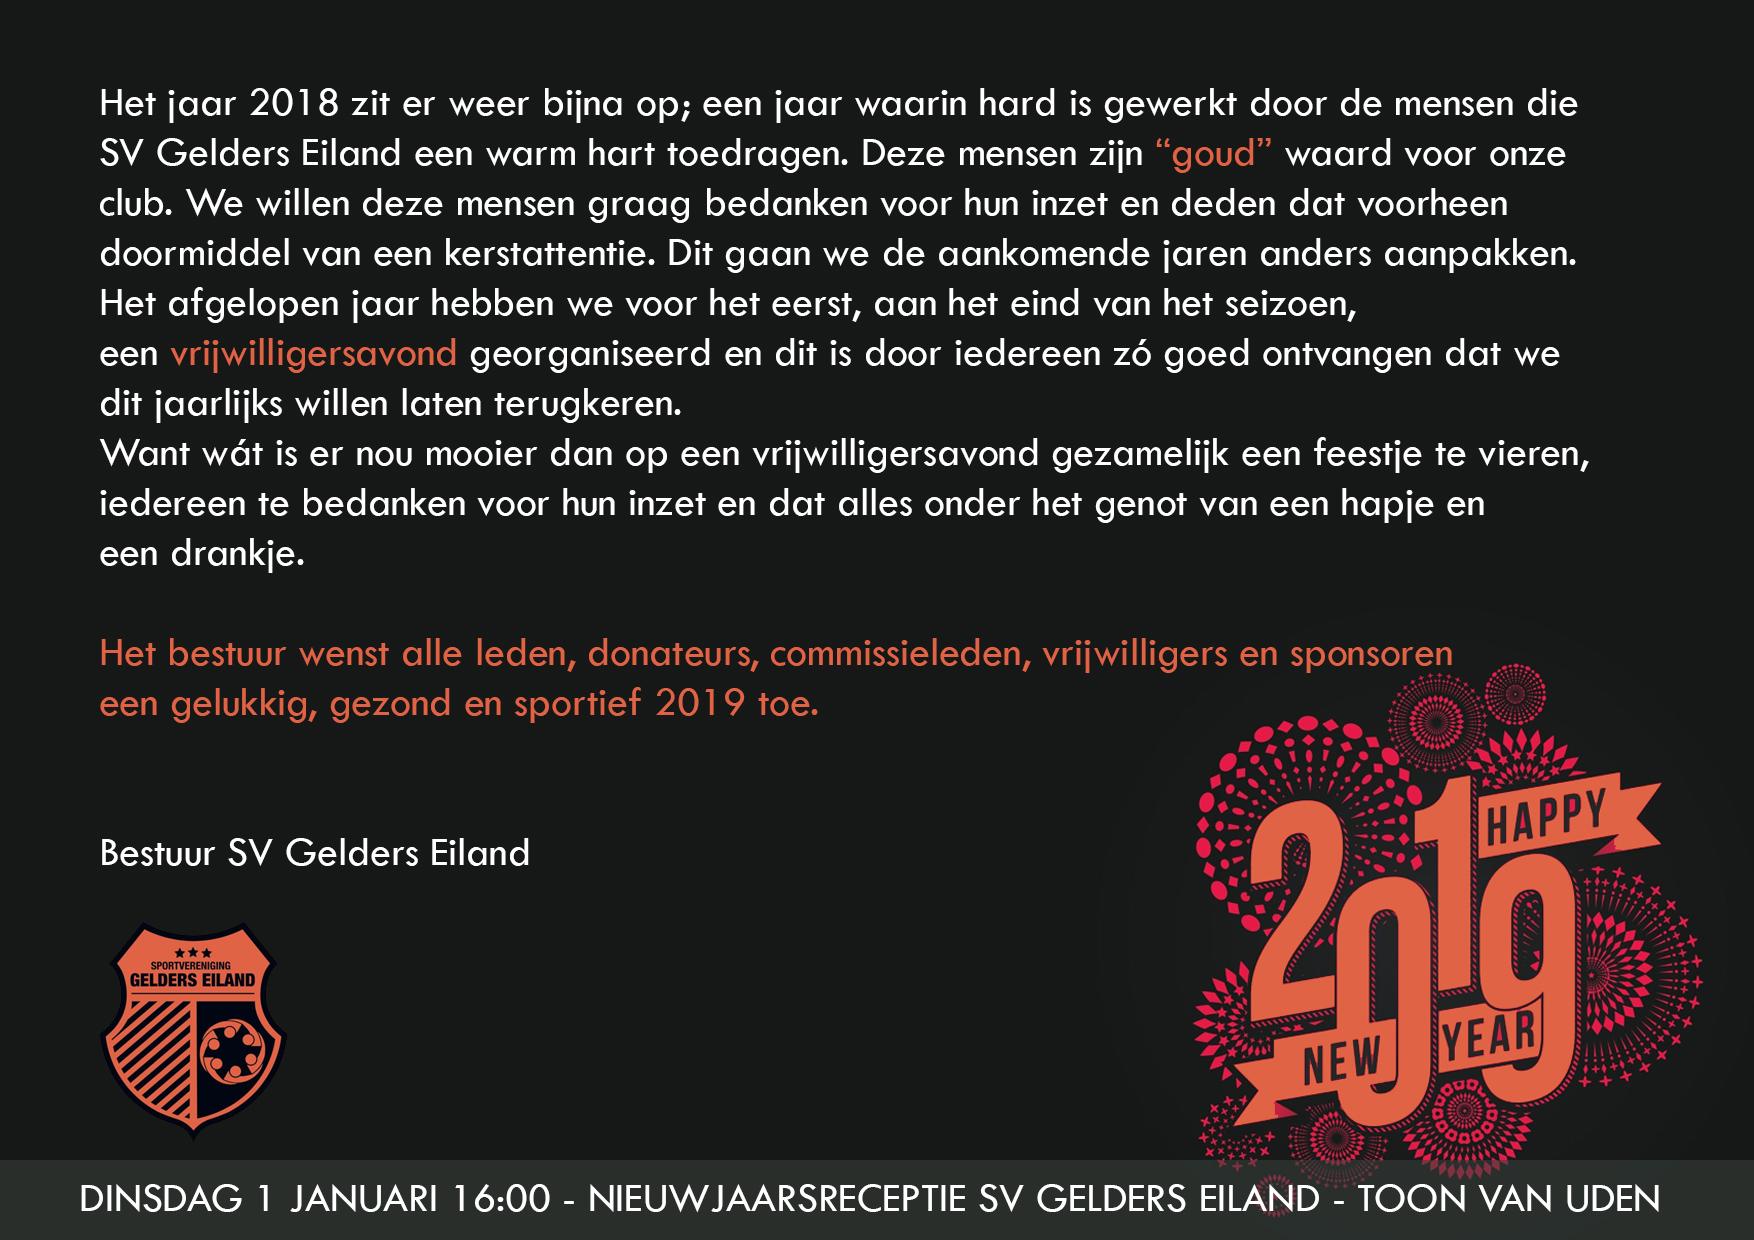 Nieuwjaarswensen 2019 Geldersch Eiland